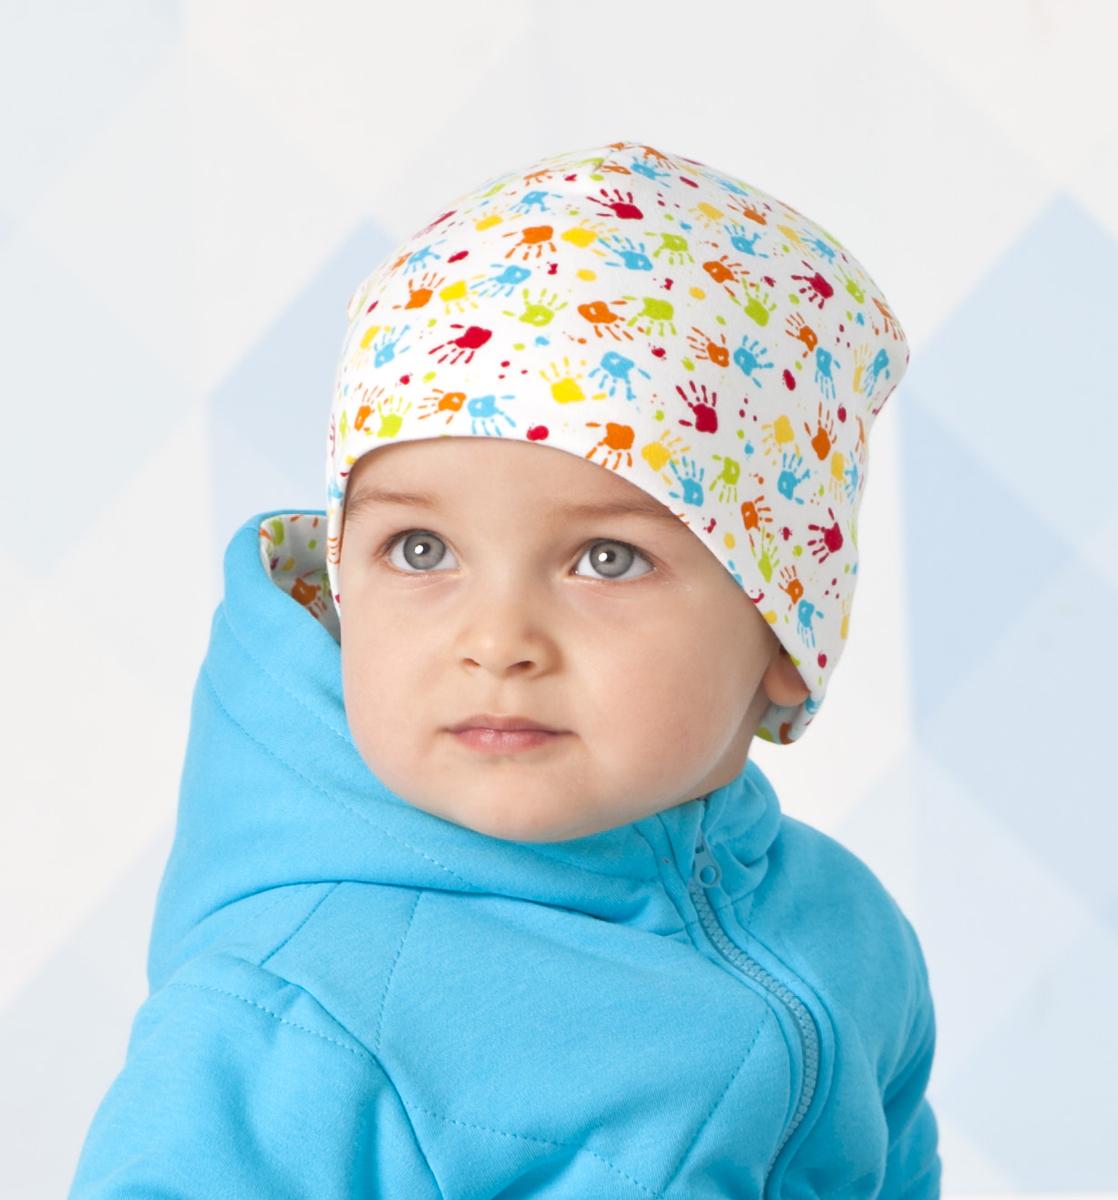 Шапка для мальчика Мамуляндия, цвет: разноцветный, 2 шт. 18-1012. Размер 4418-1012Шапка для мальчика Мамуляндия станет отличным дополнением к гардеробу вашего малыша. Изготовленная из натурального хлопка, она необычайно мягкая и легкая.